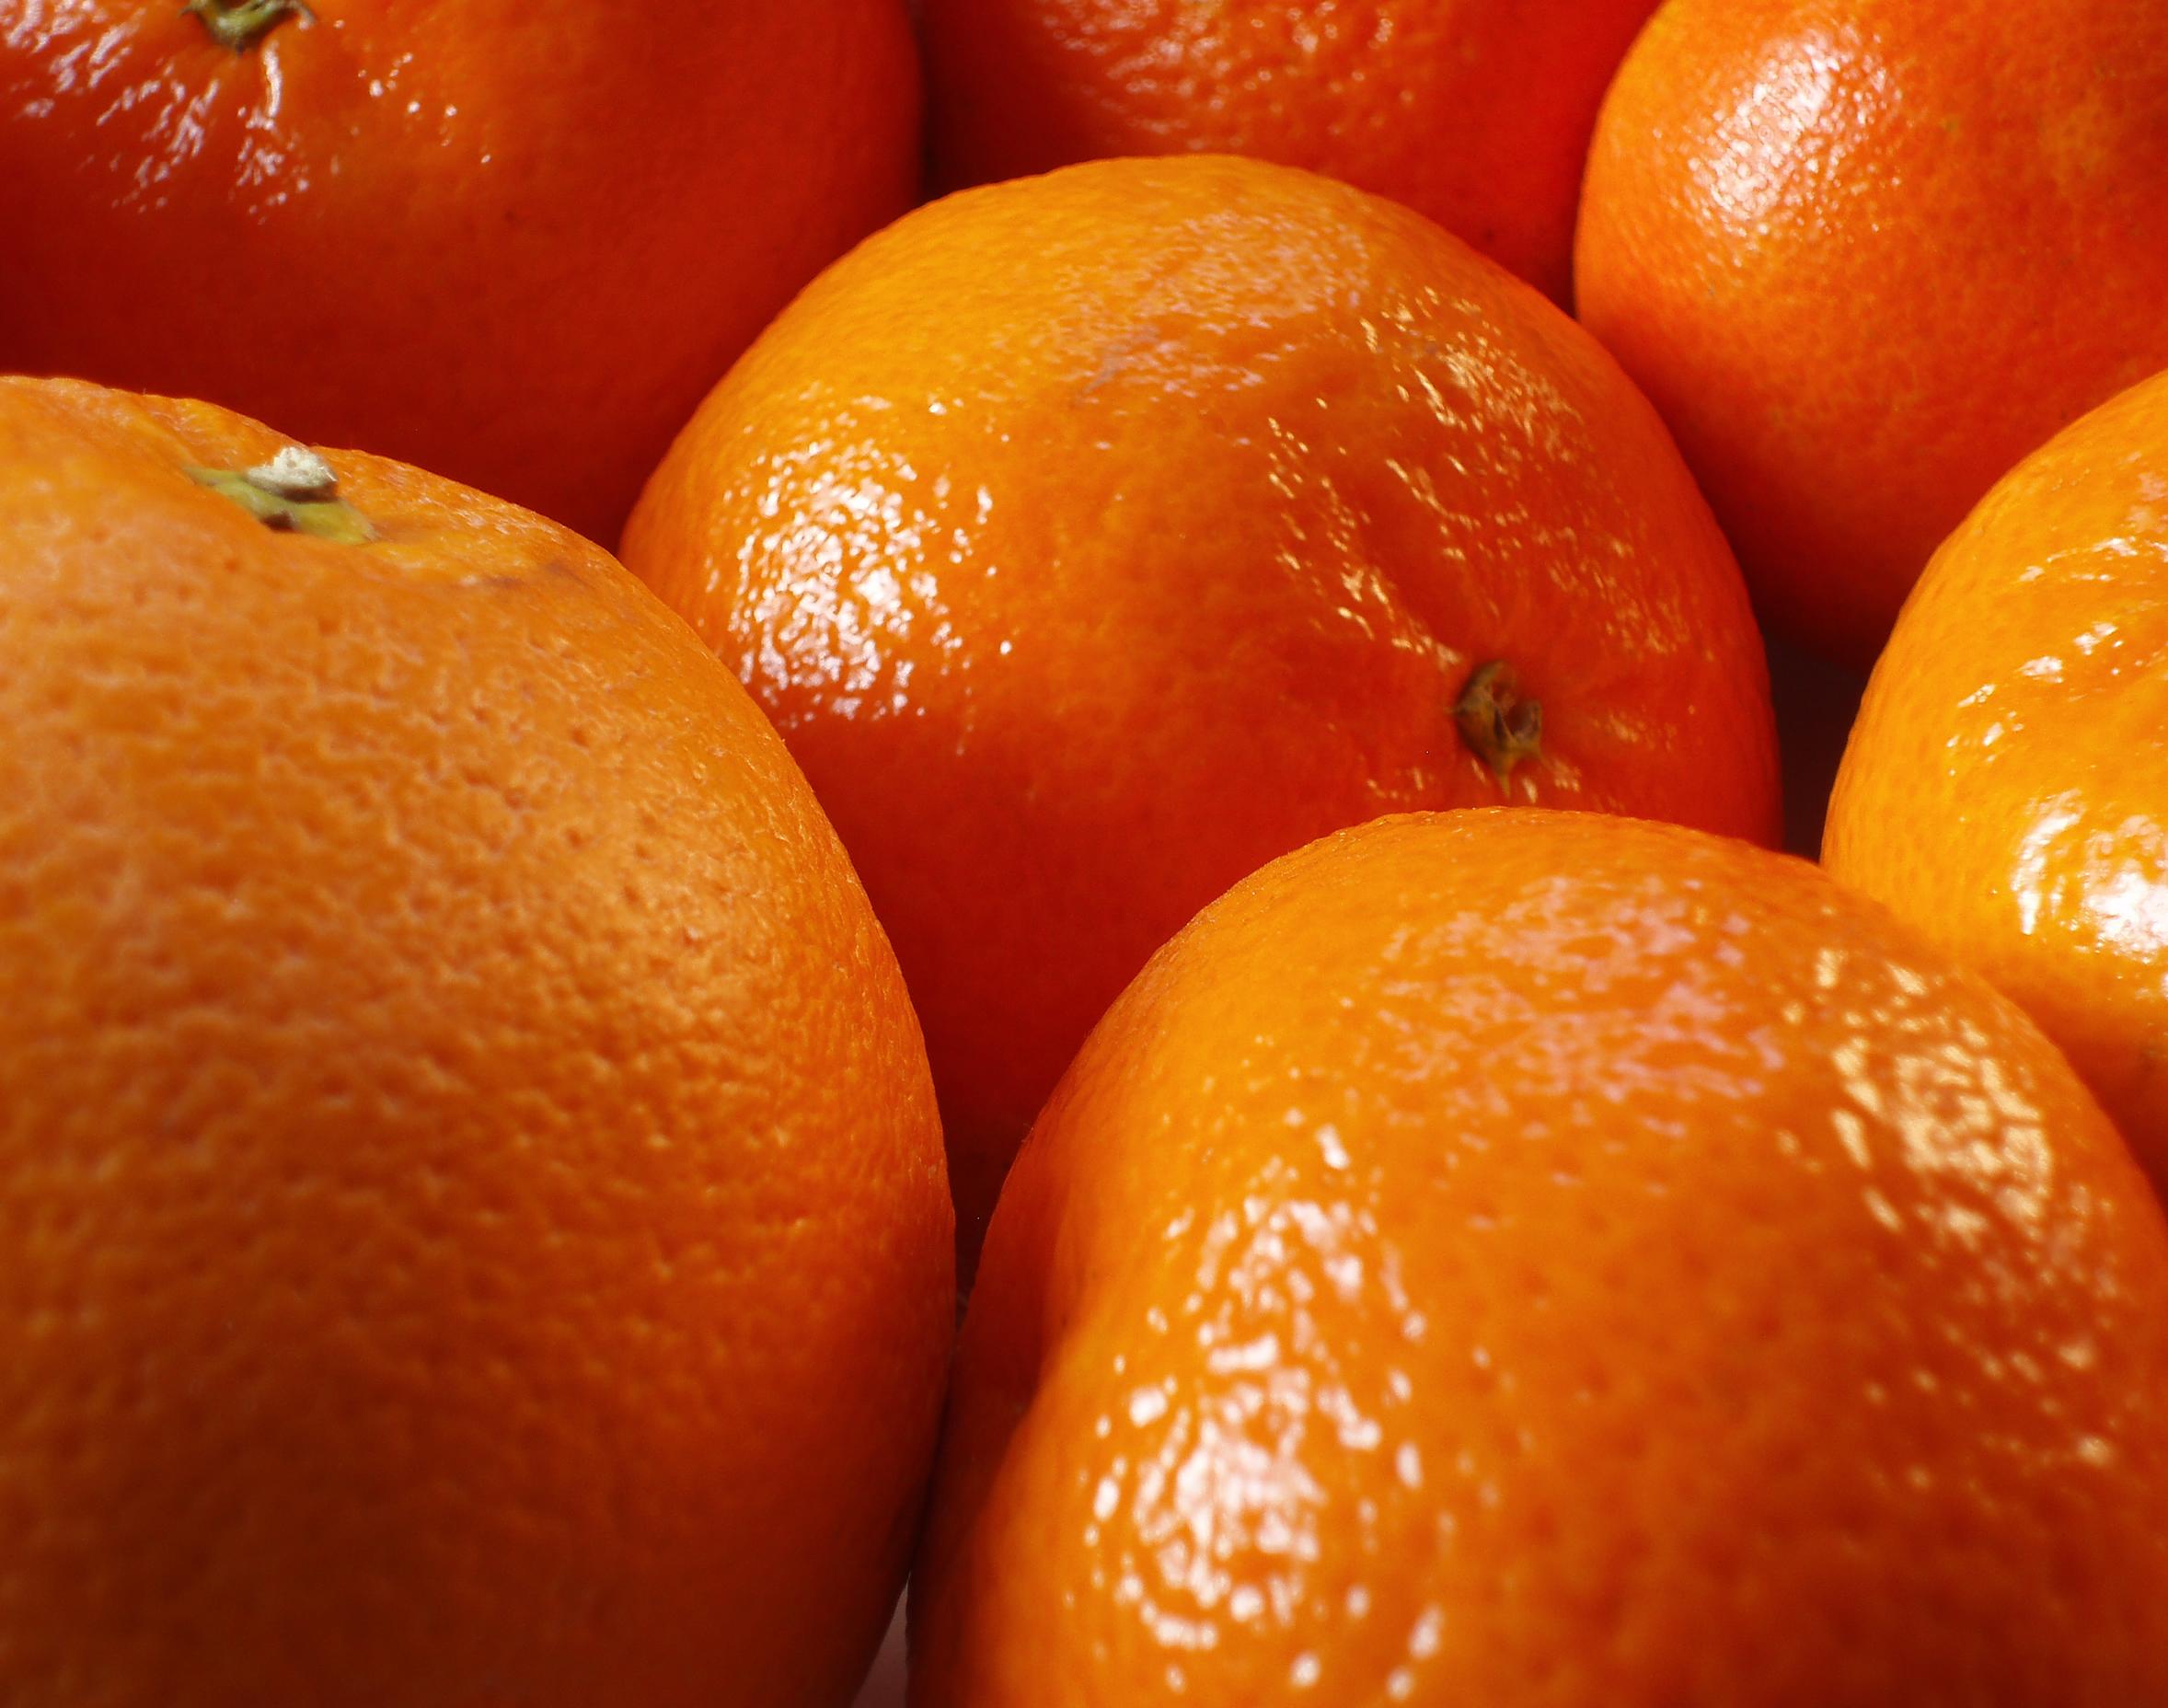 Апельсины, фото, обои, скачать, orange